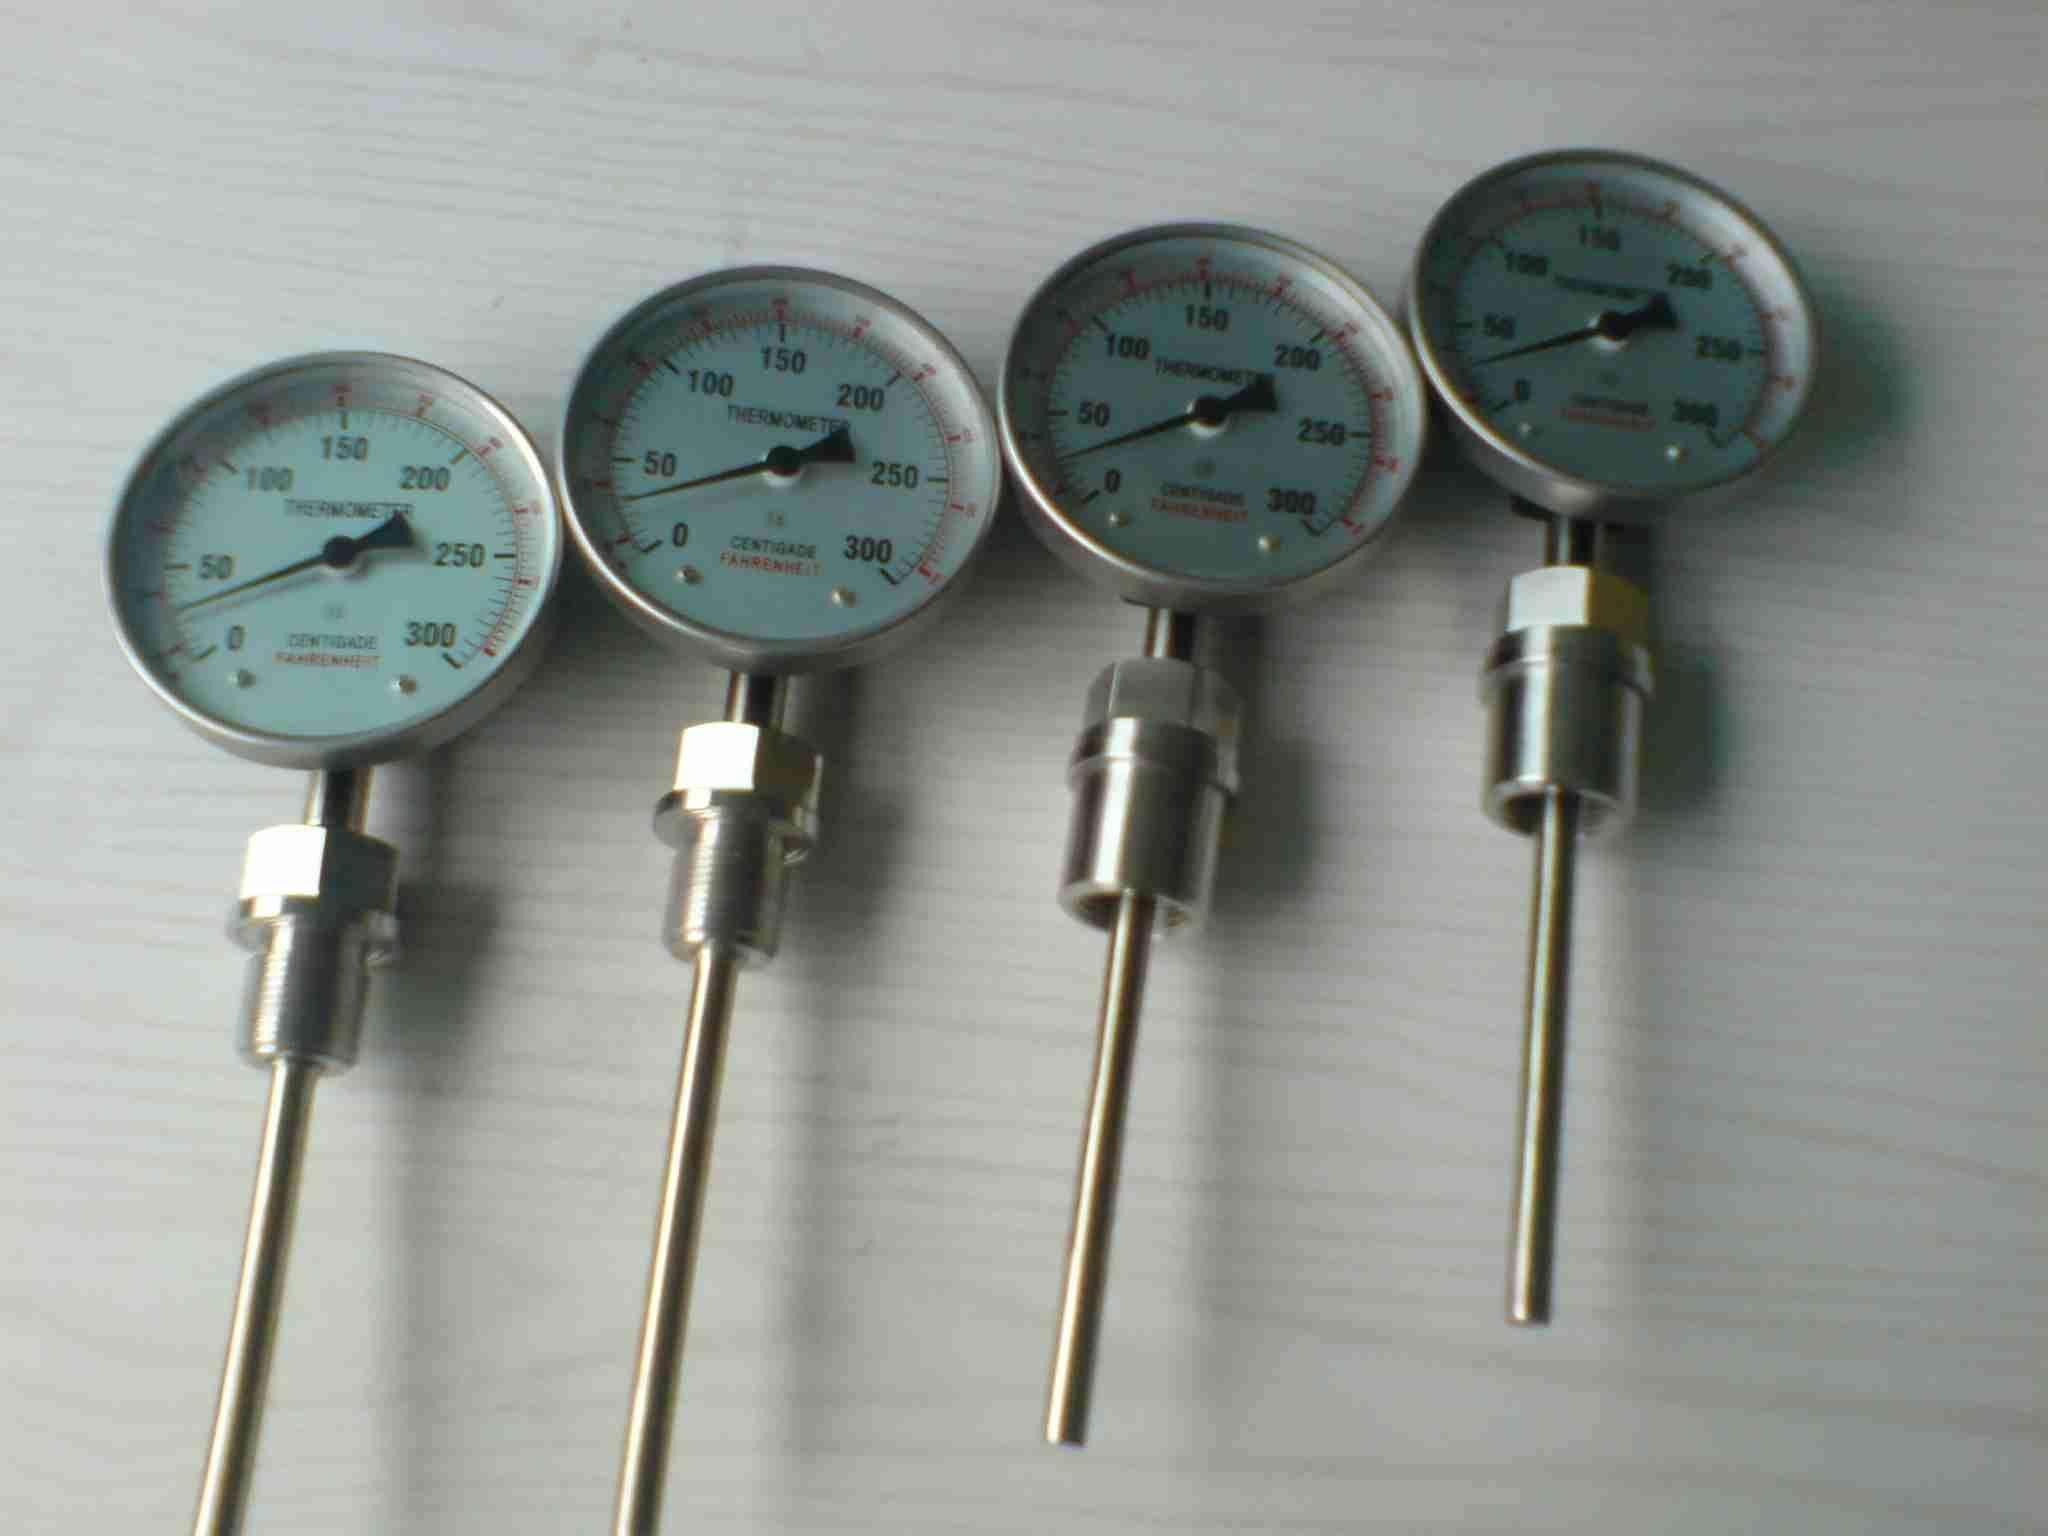 双金属温度计与其他仪表相比的优势在哪